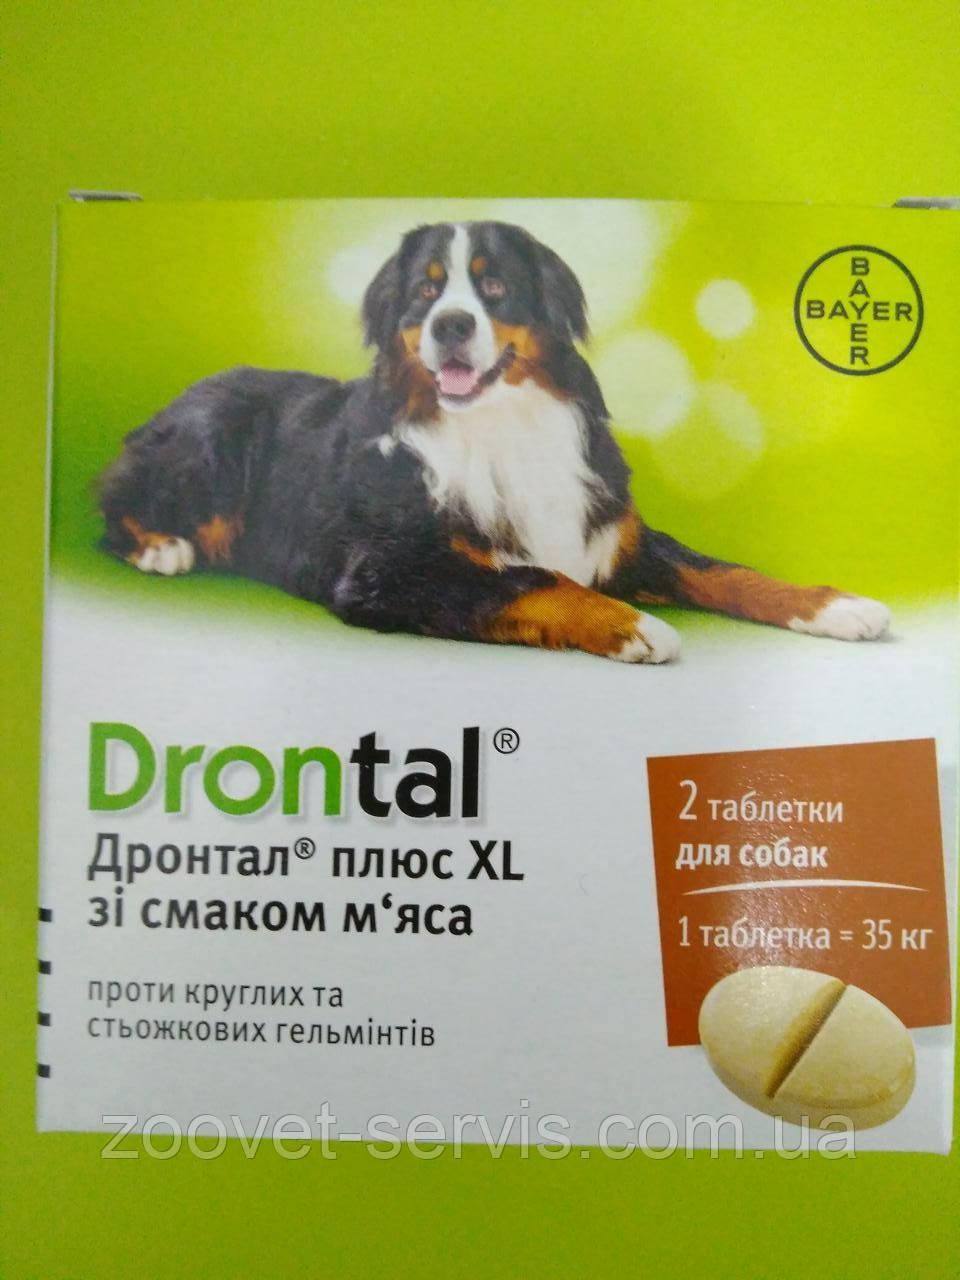 Антигельминтик для собак (со вкусом мяса)ДРОНТАЛ Плюс XLBayer